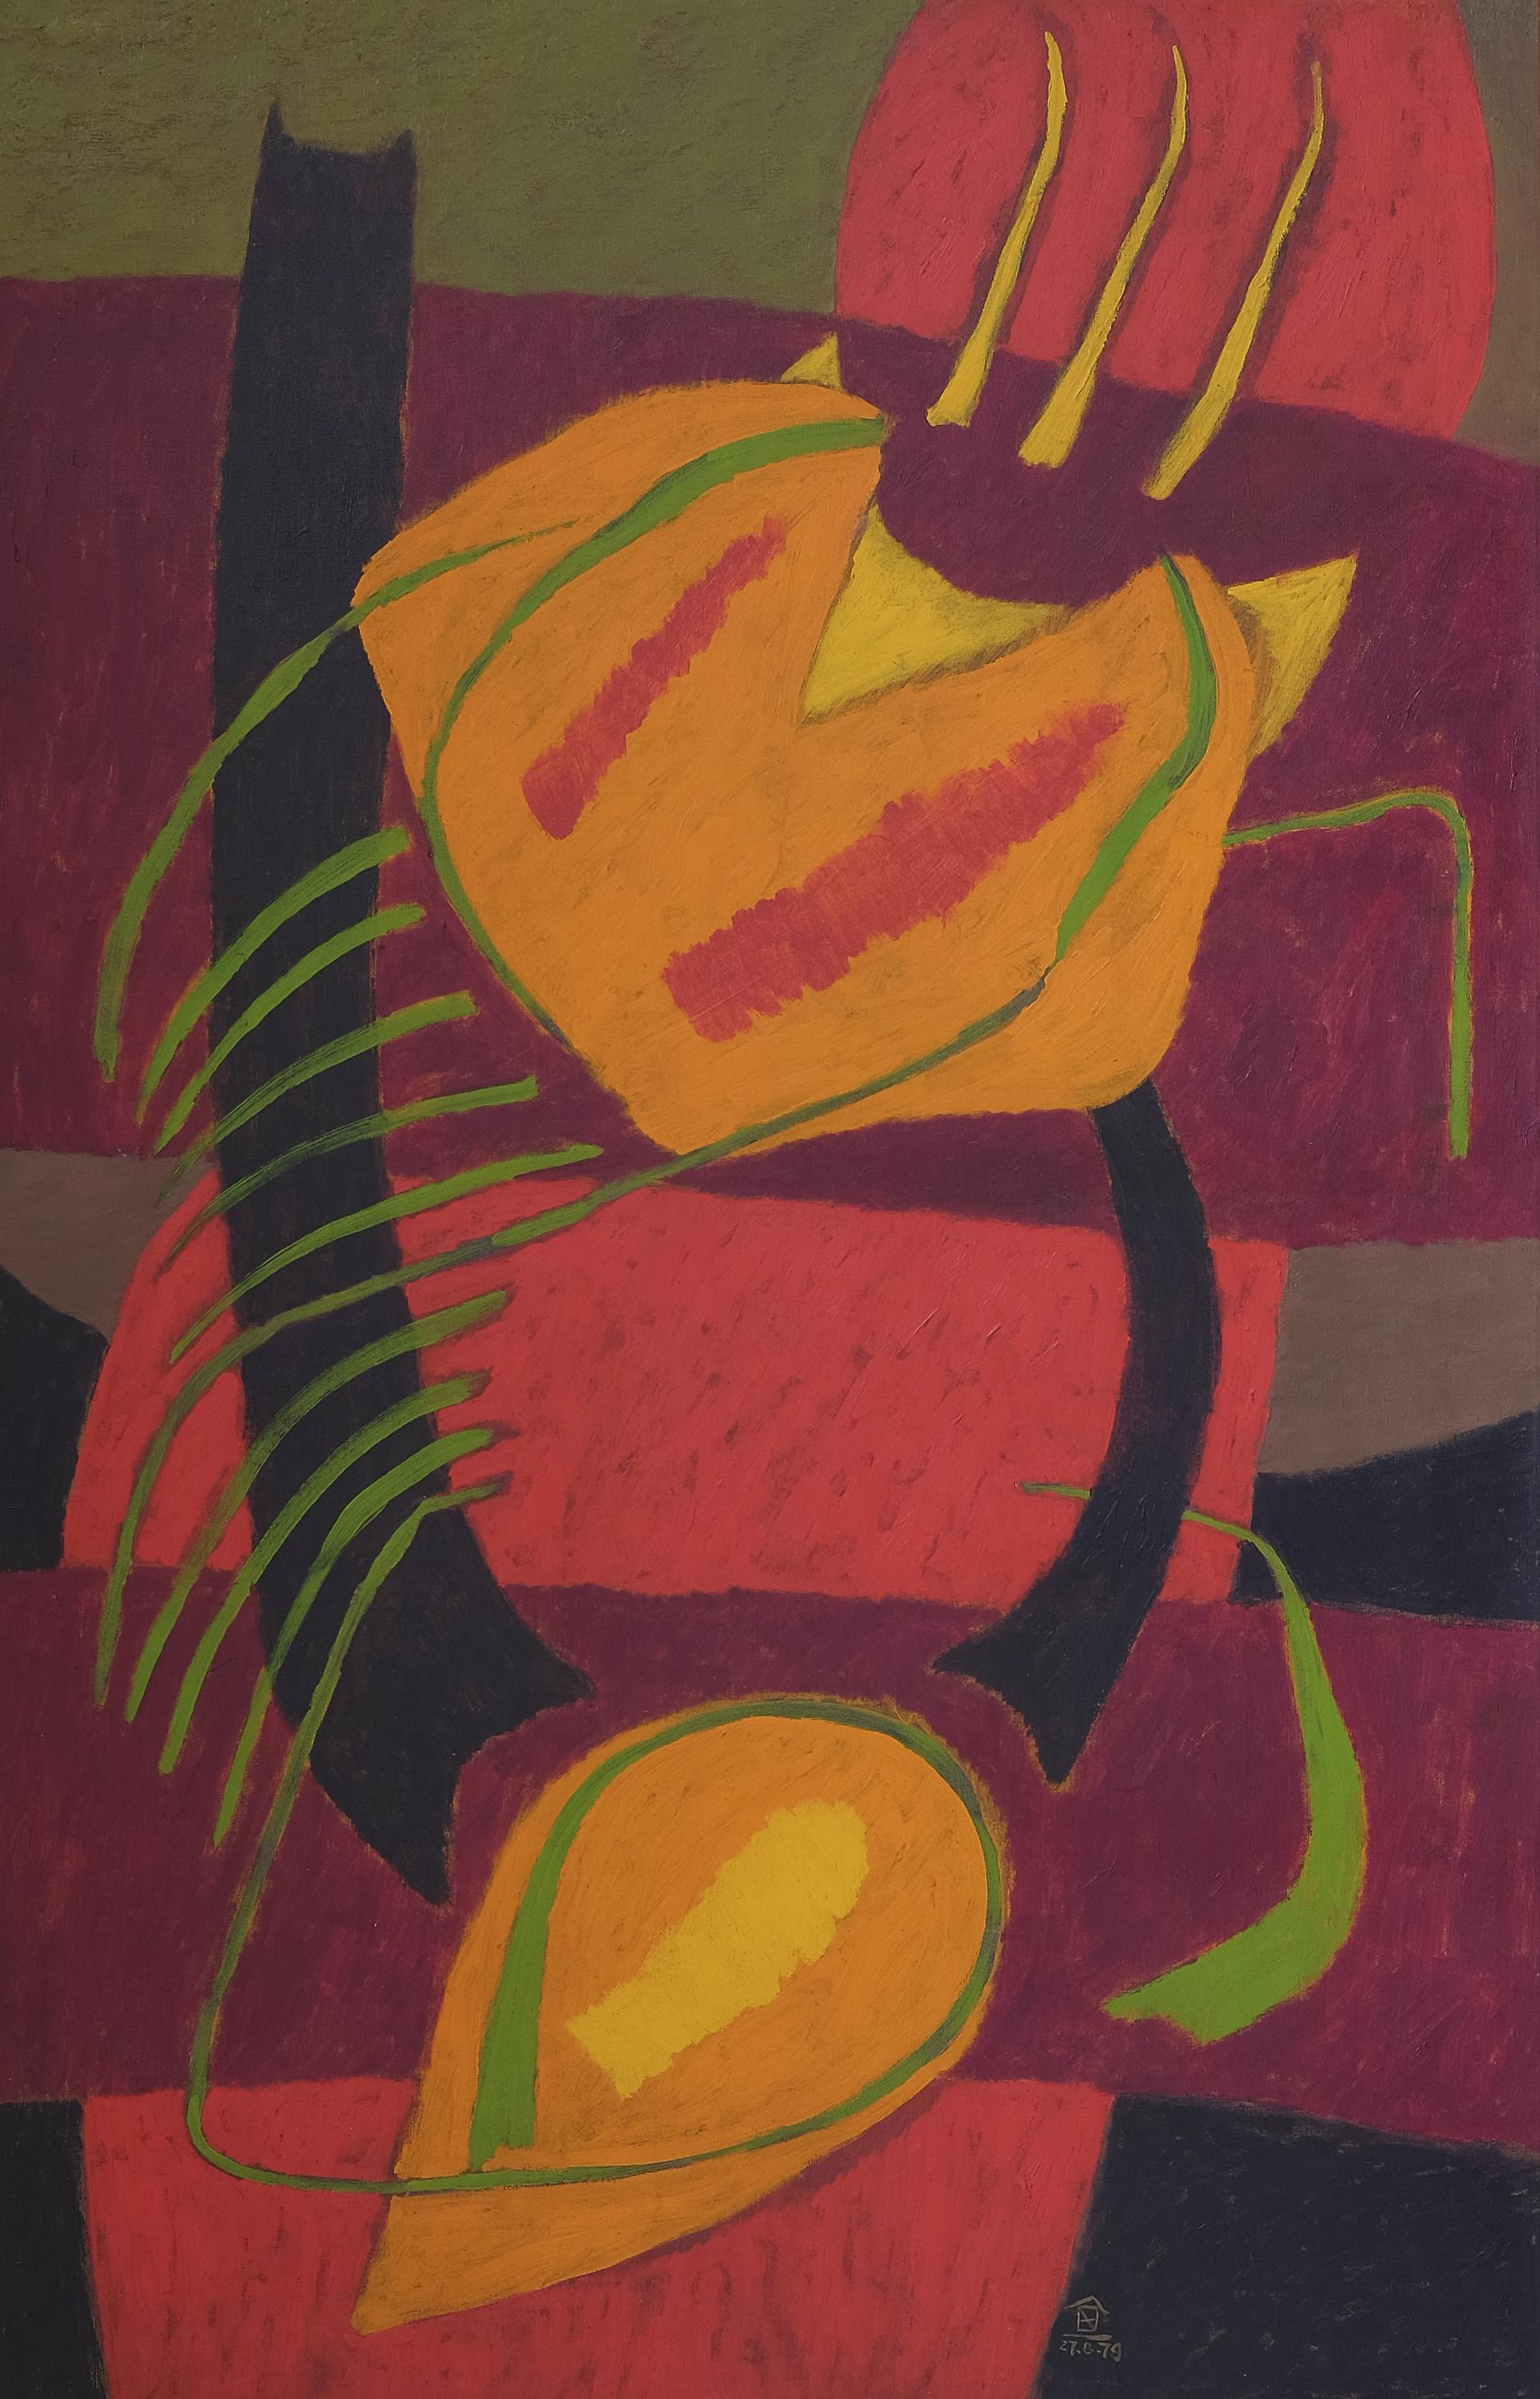 Nashar, Bertumbuh (Growth), ooc, 137 x 88 cm, 1979.jpeg